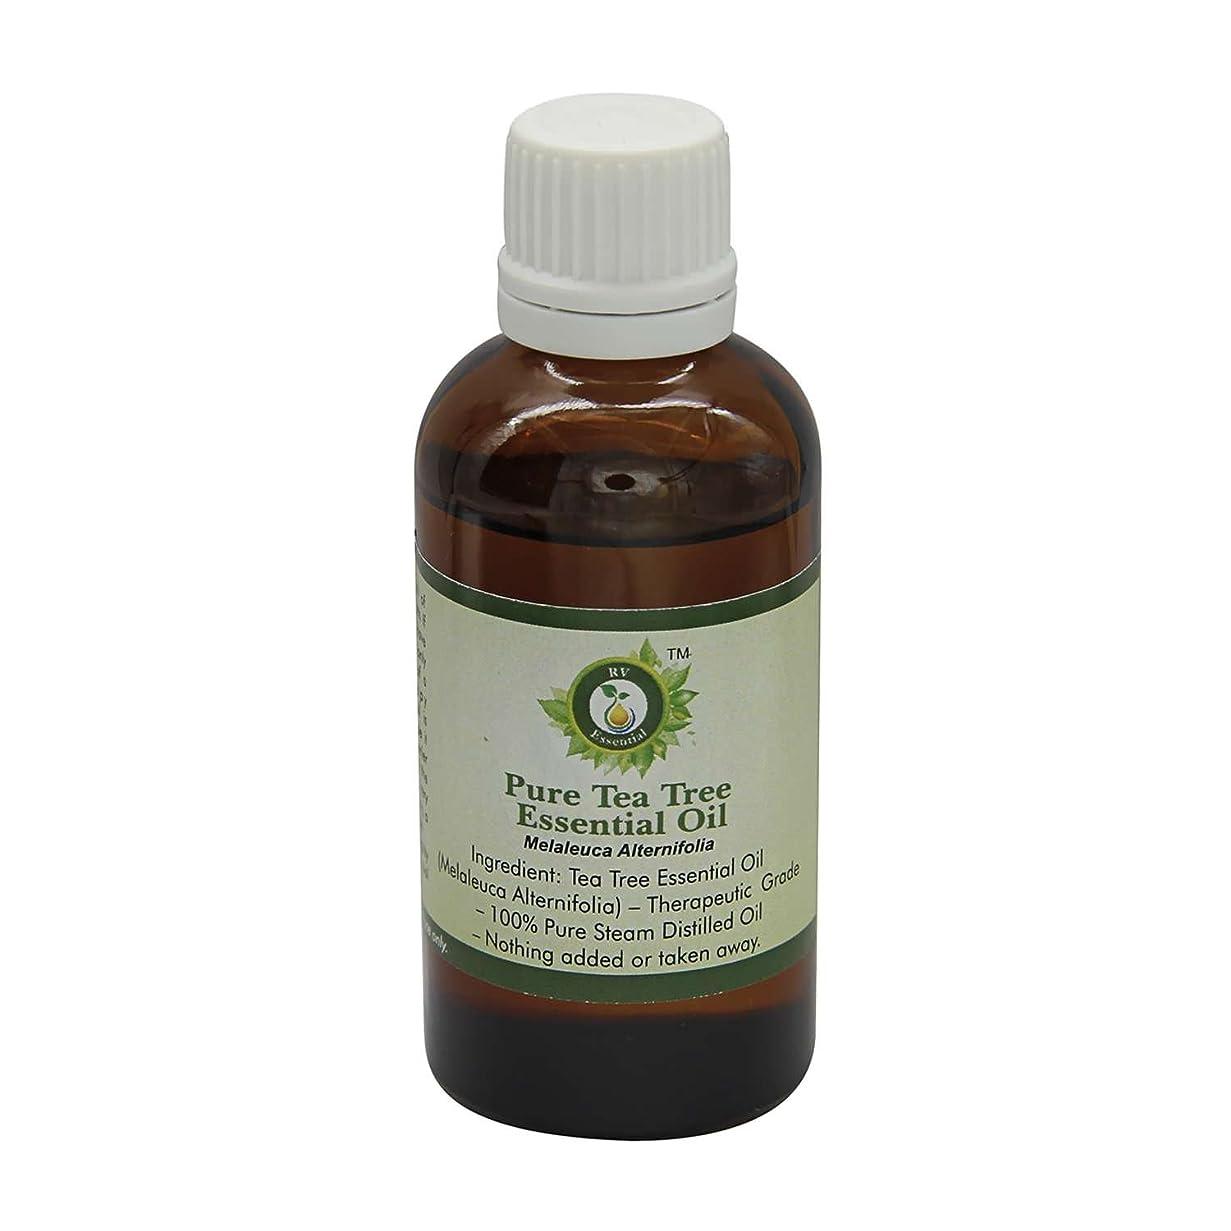 のみパッケージ共産主義者R V Essential ピュアティーツリーエッセンシャルオイル100ml (3.38oz)- Melaleuca Alternifolia (100%純粋&天然スチームDistilled) Pure Tea Tree Essential Oil